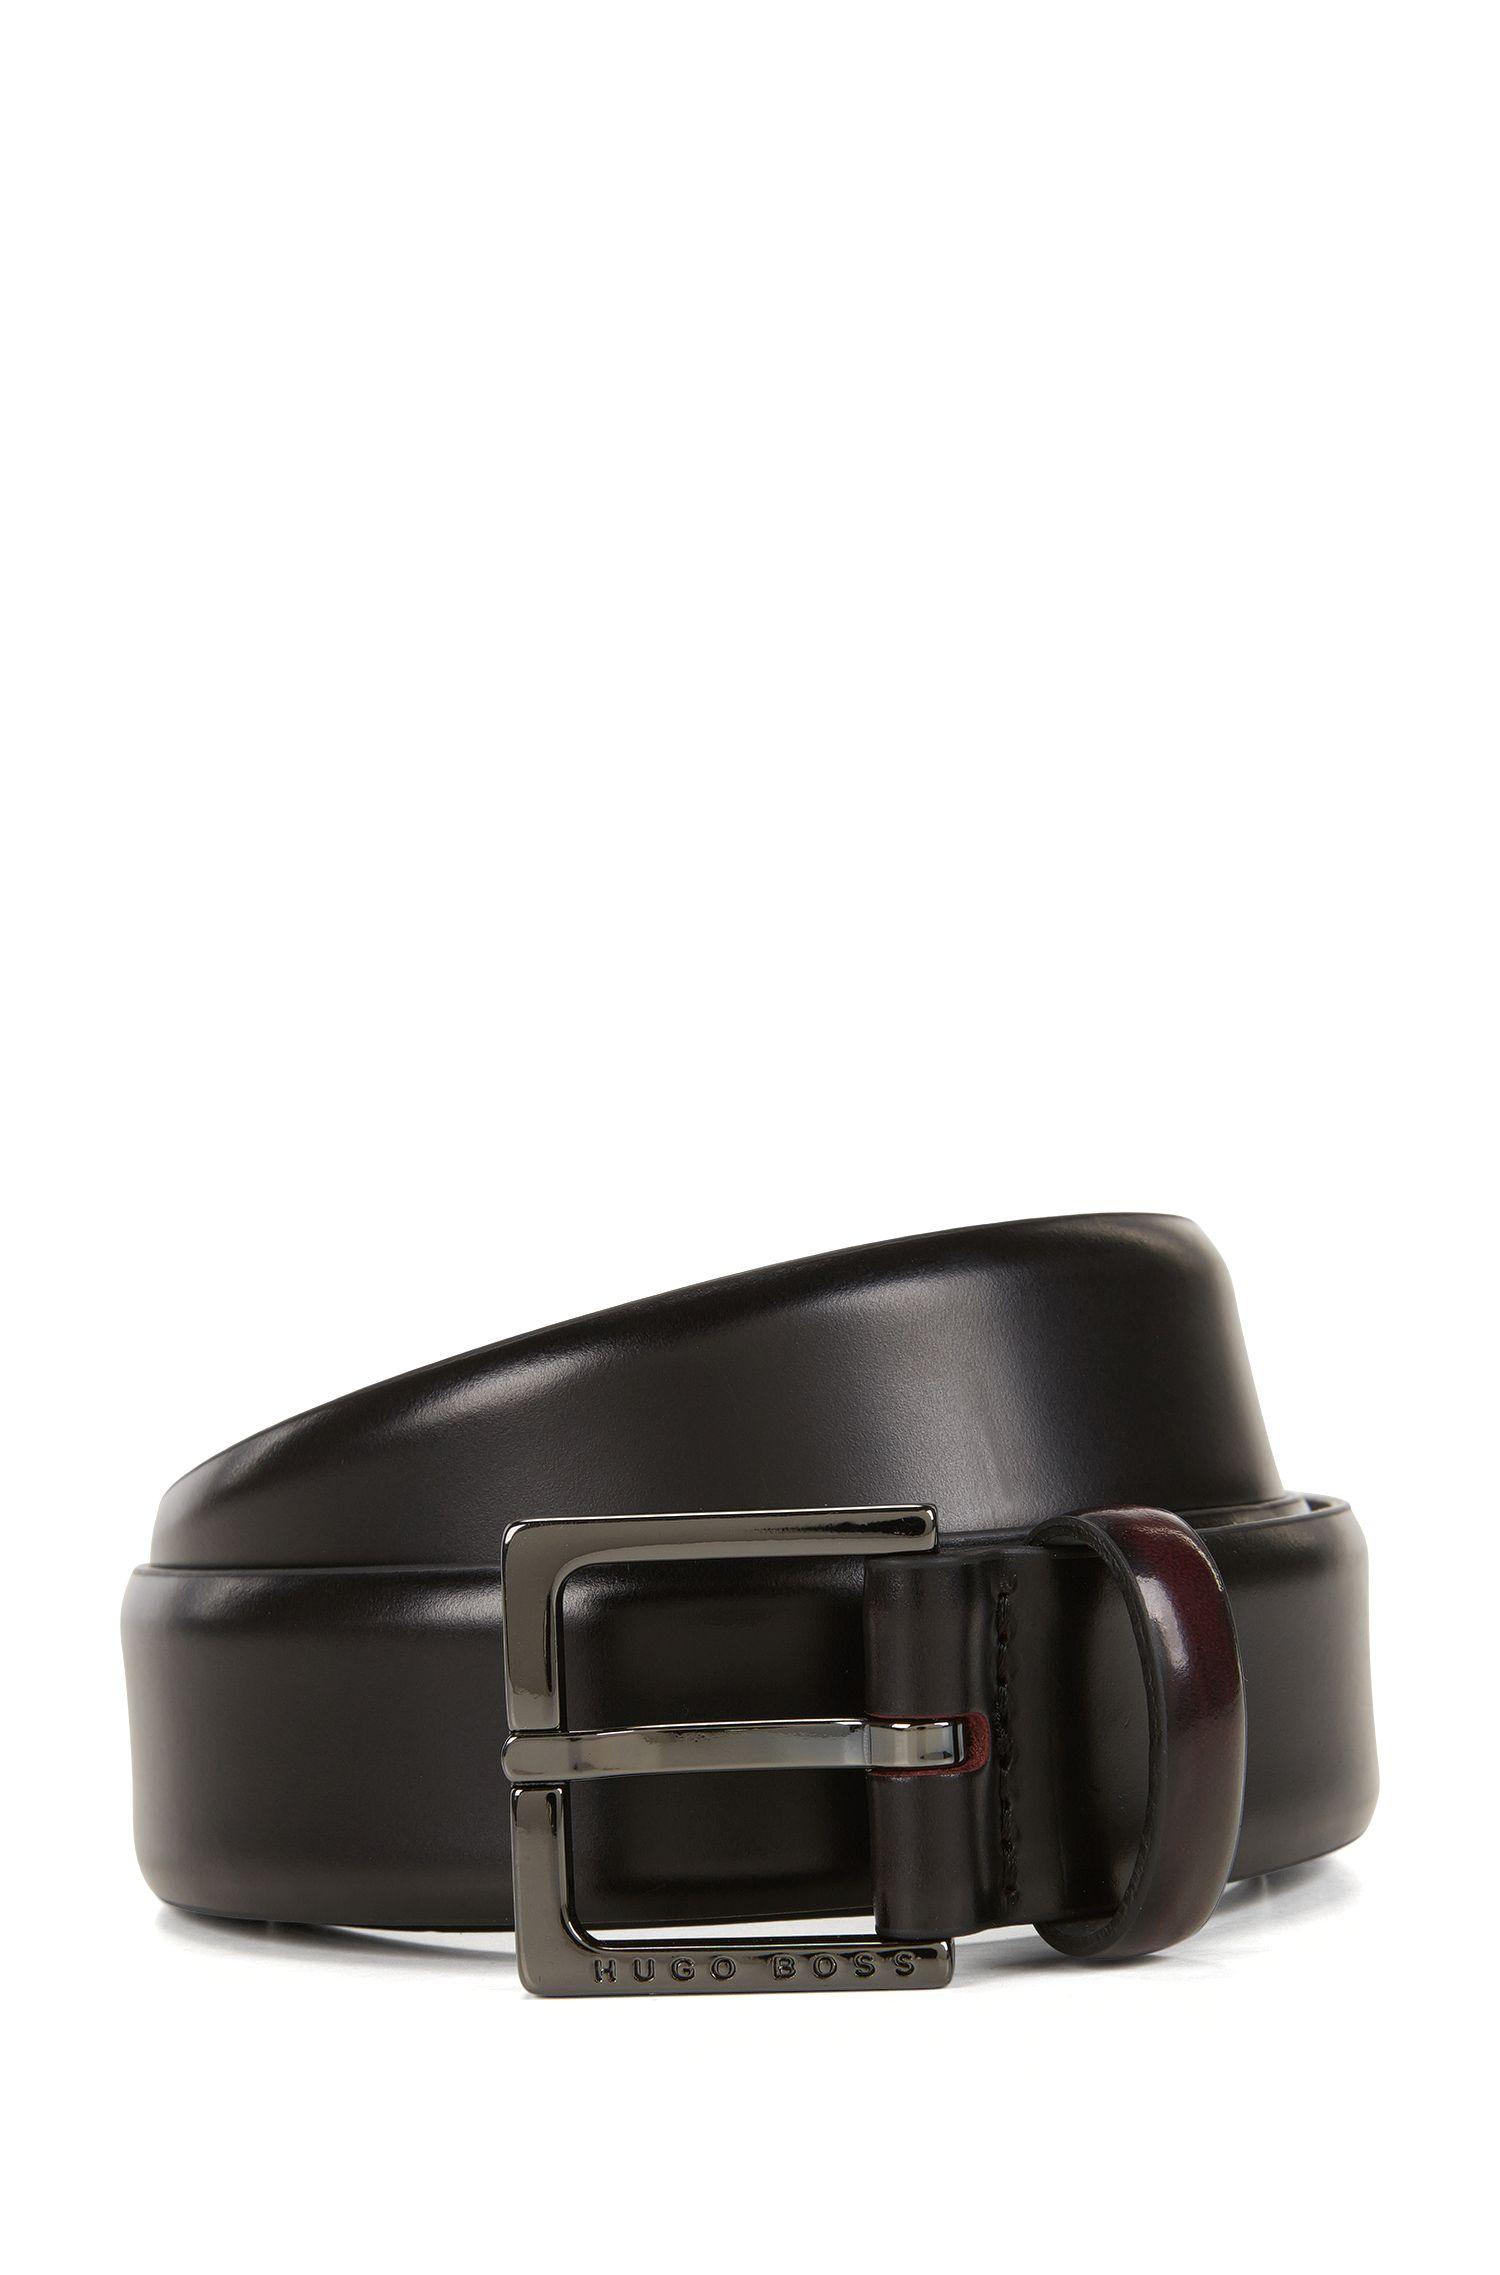 Cintura per chino in pelle spazzolata